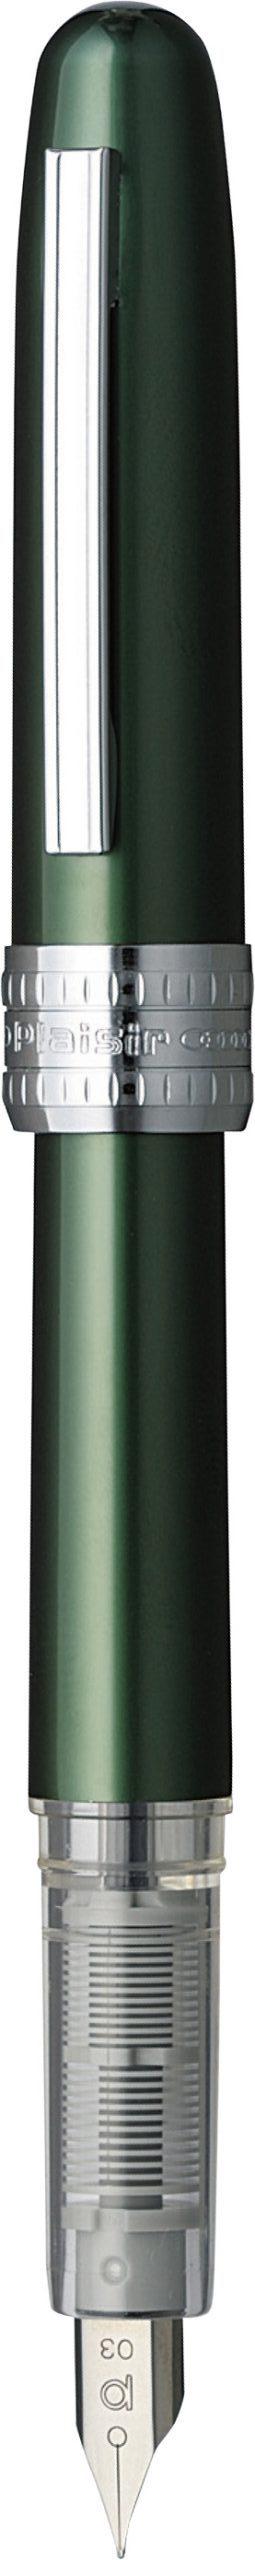 Platinum Plaisir Green